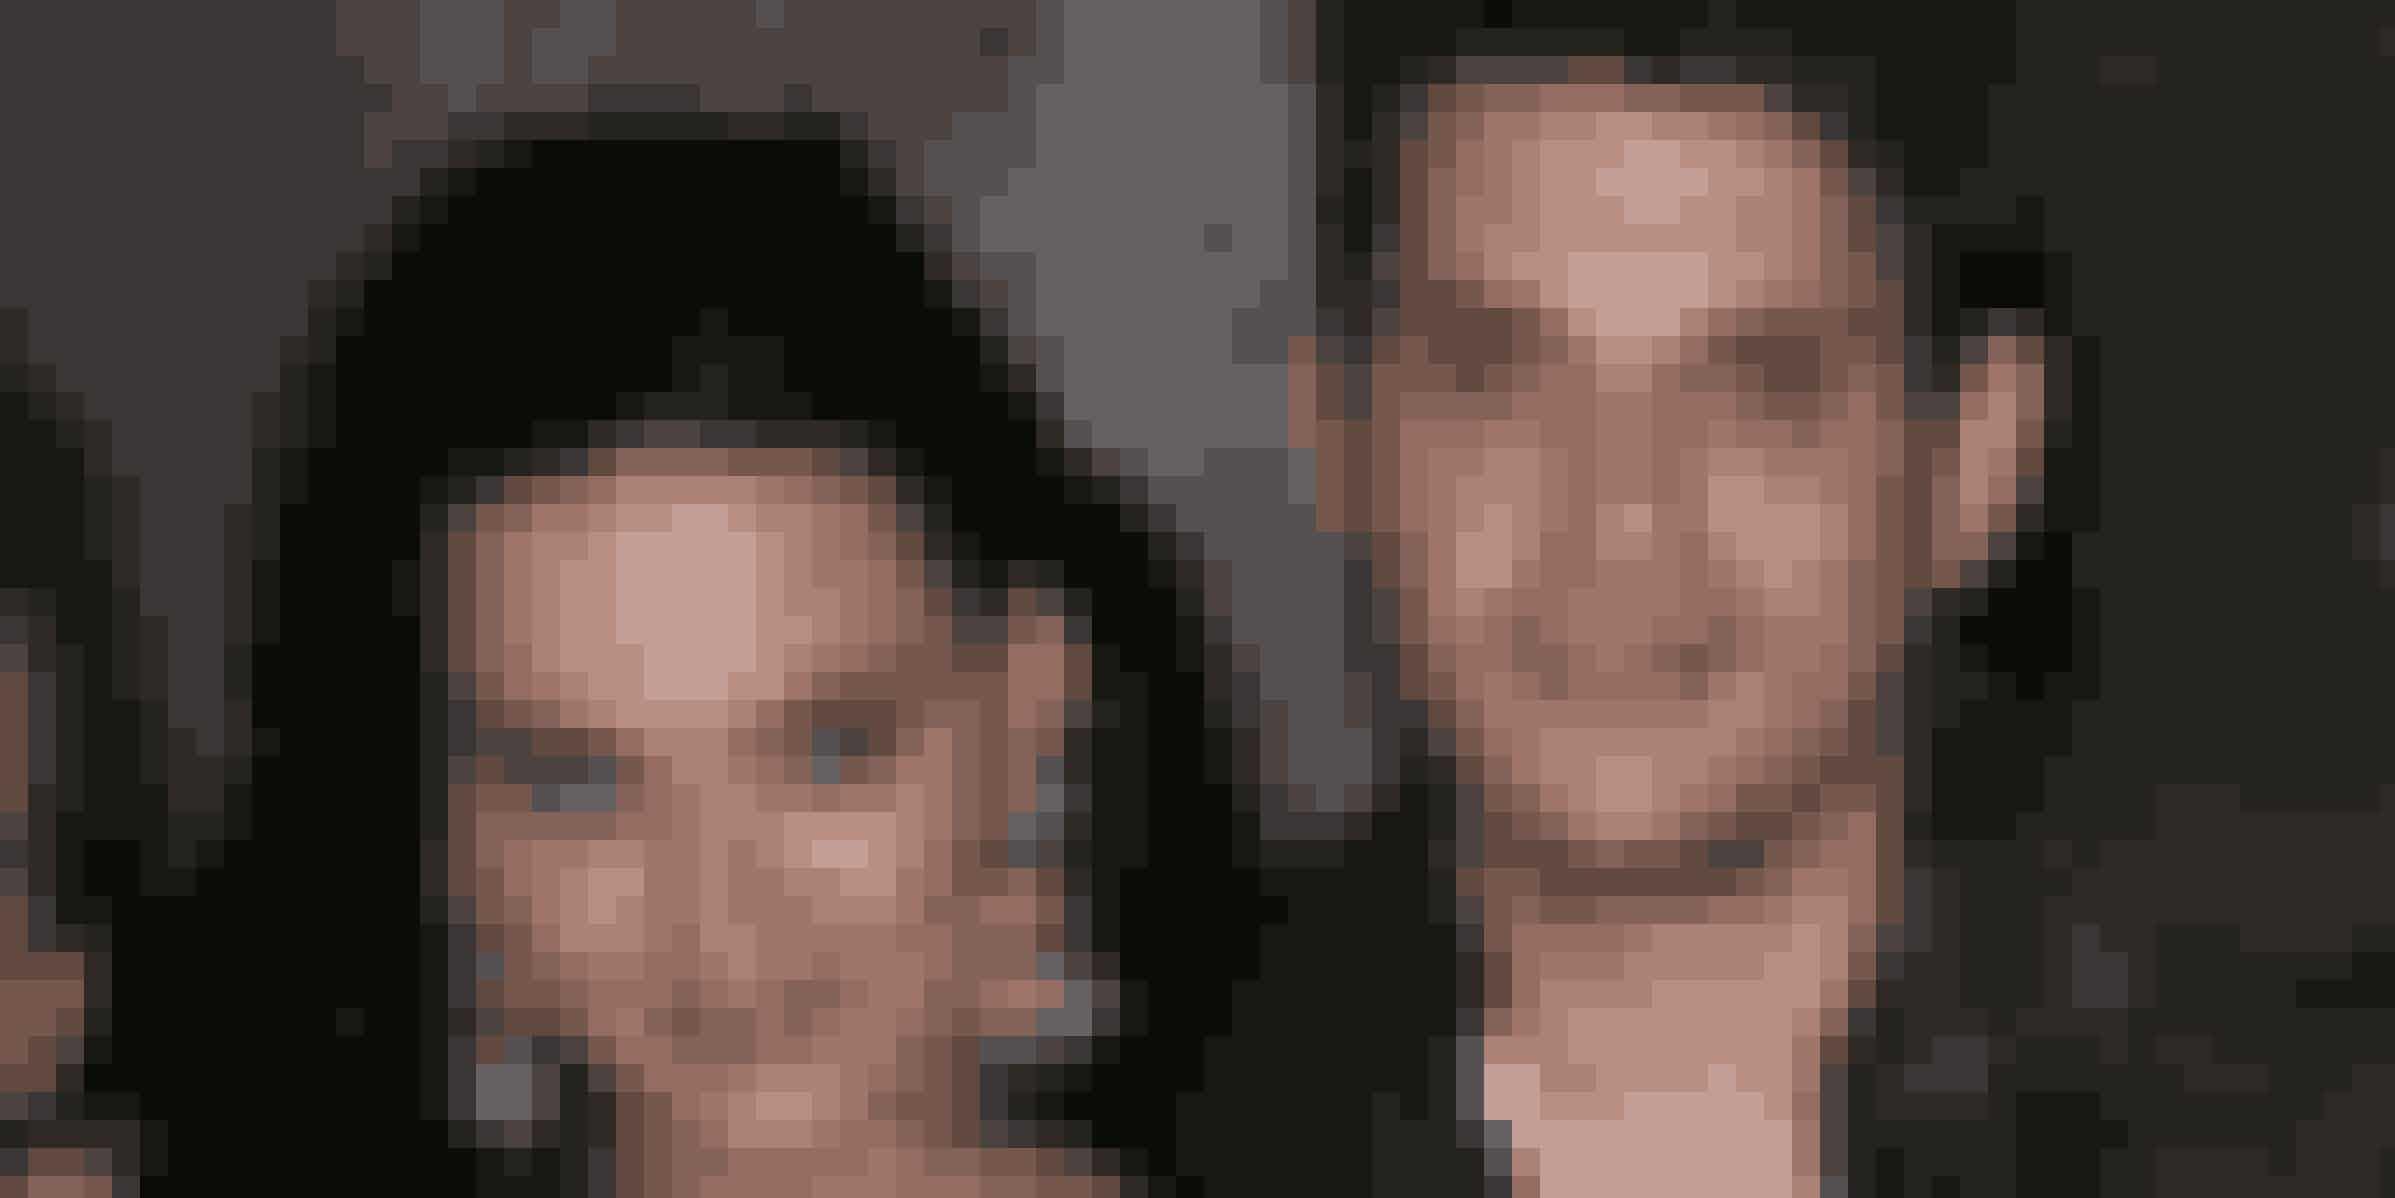 Candyfloss-sangerinden Katy Perry og den melankolske troubadour John Mayer skrev en sang om at være et umage par, 'Who You Love'.